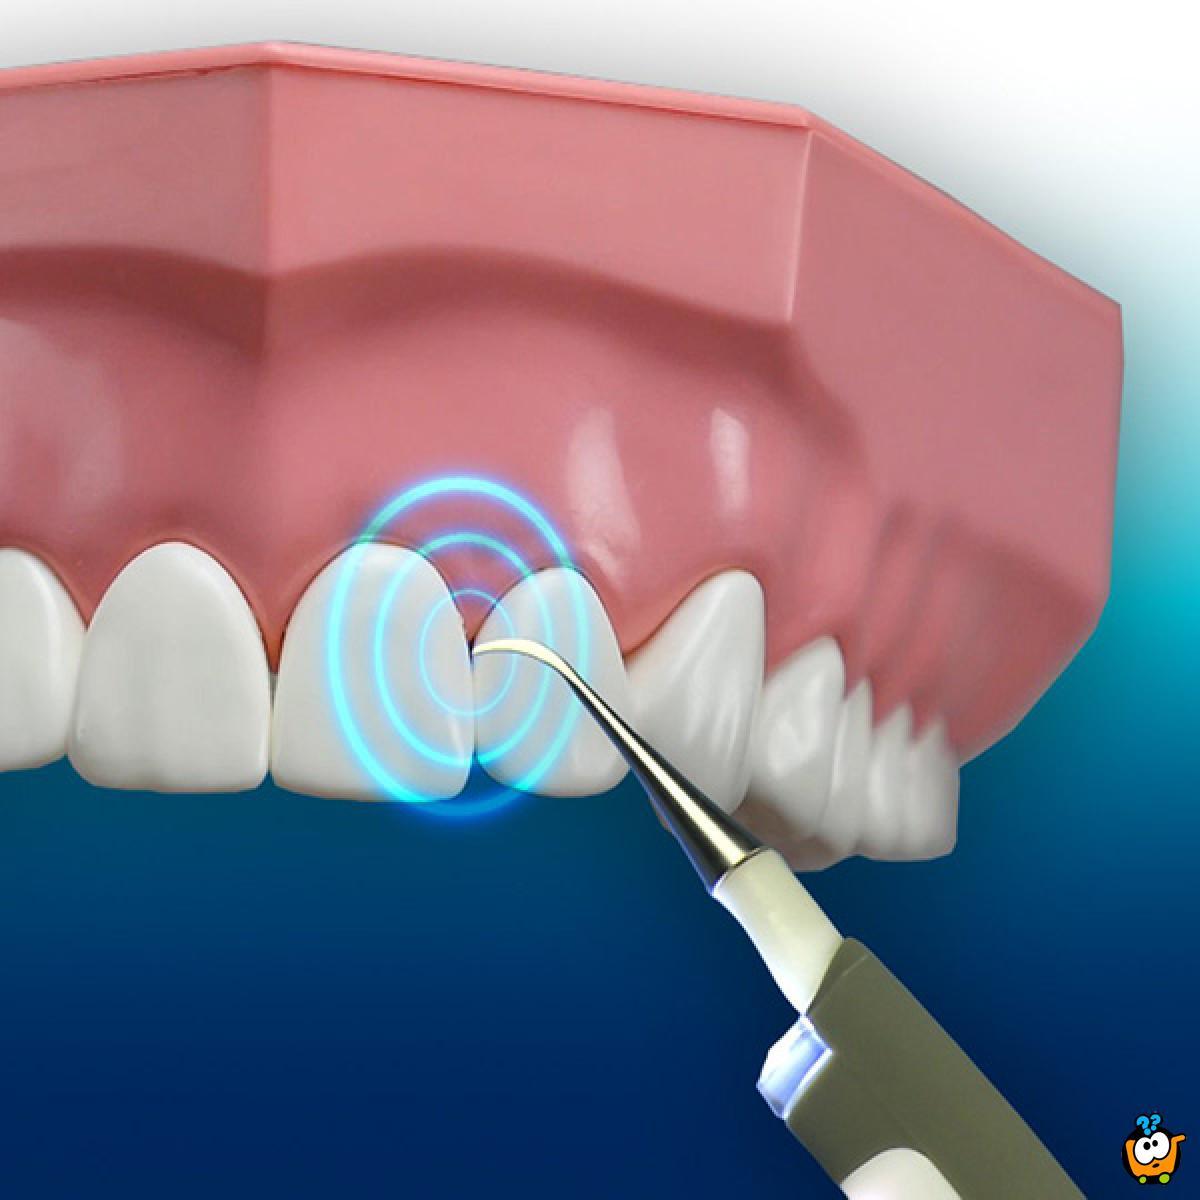 Sonic pic - Aparat za skidanje kamenca sa zuba